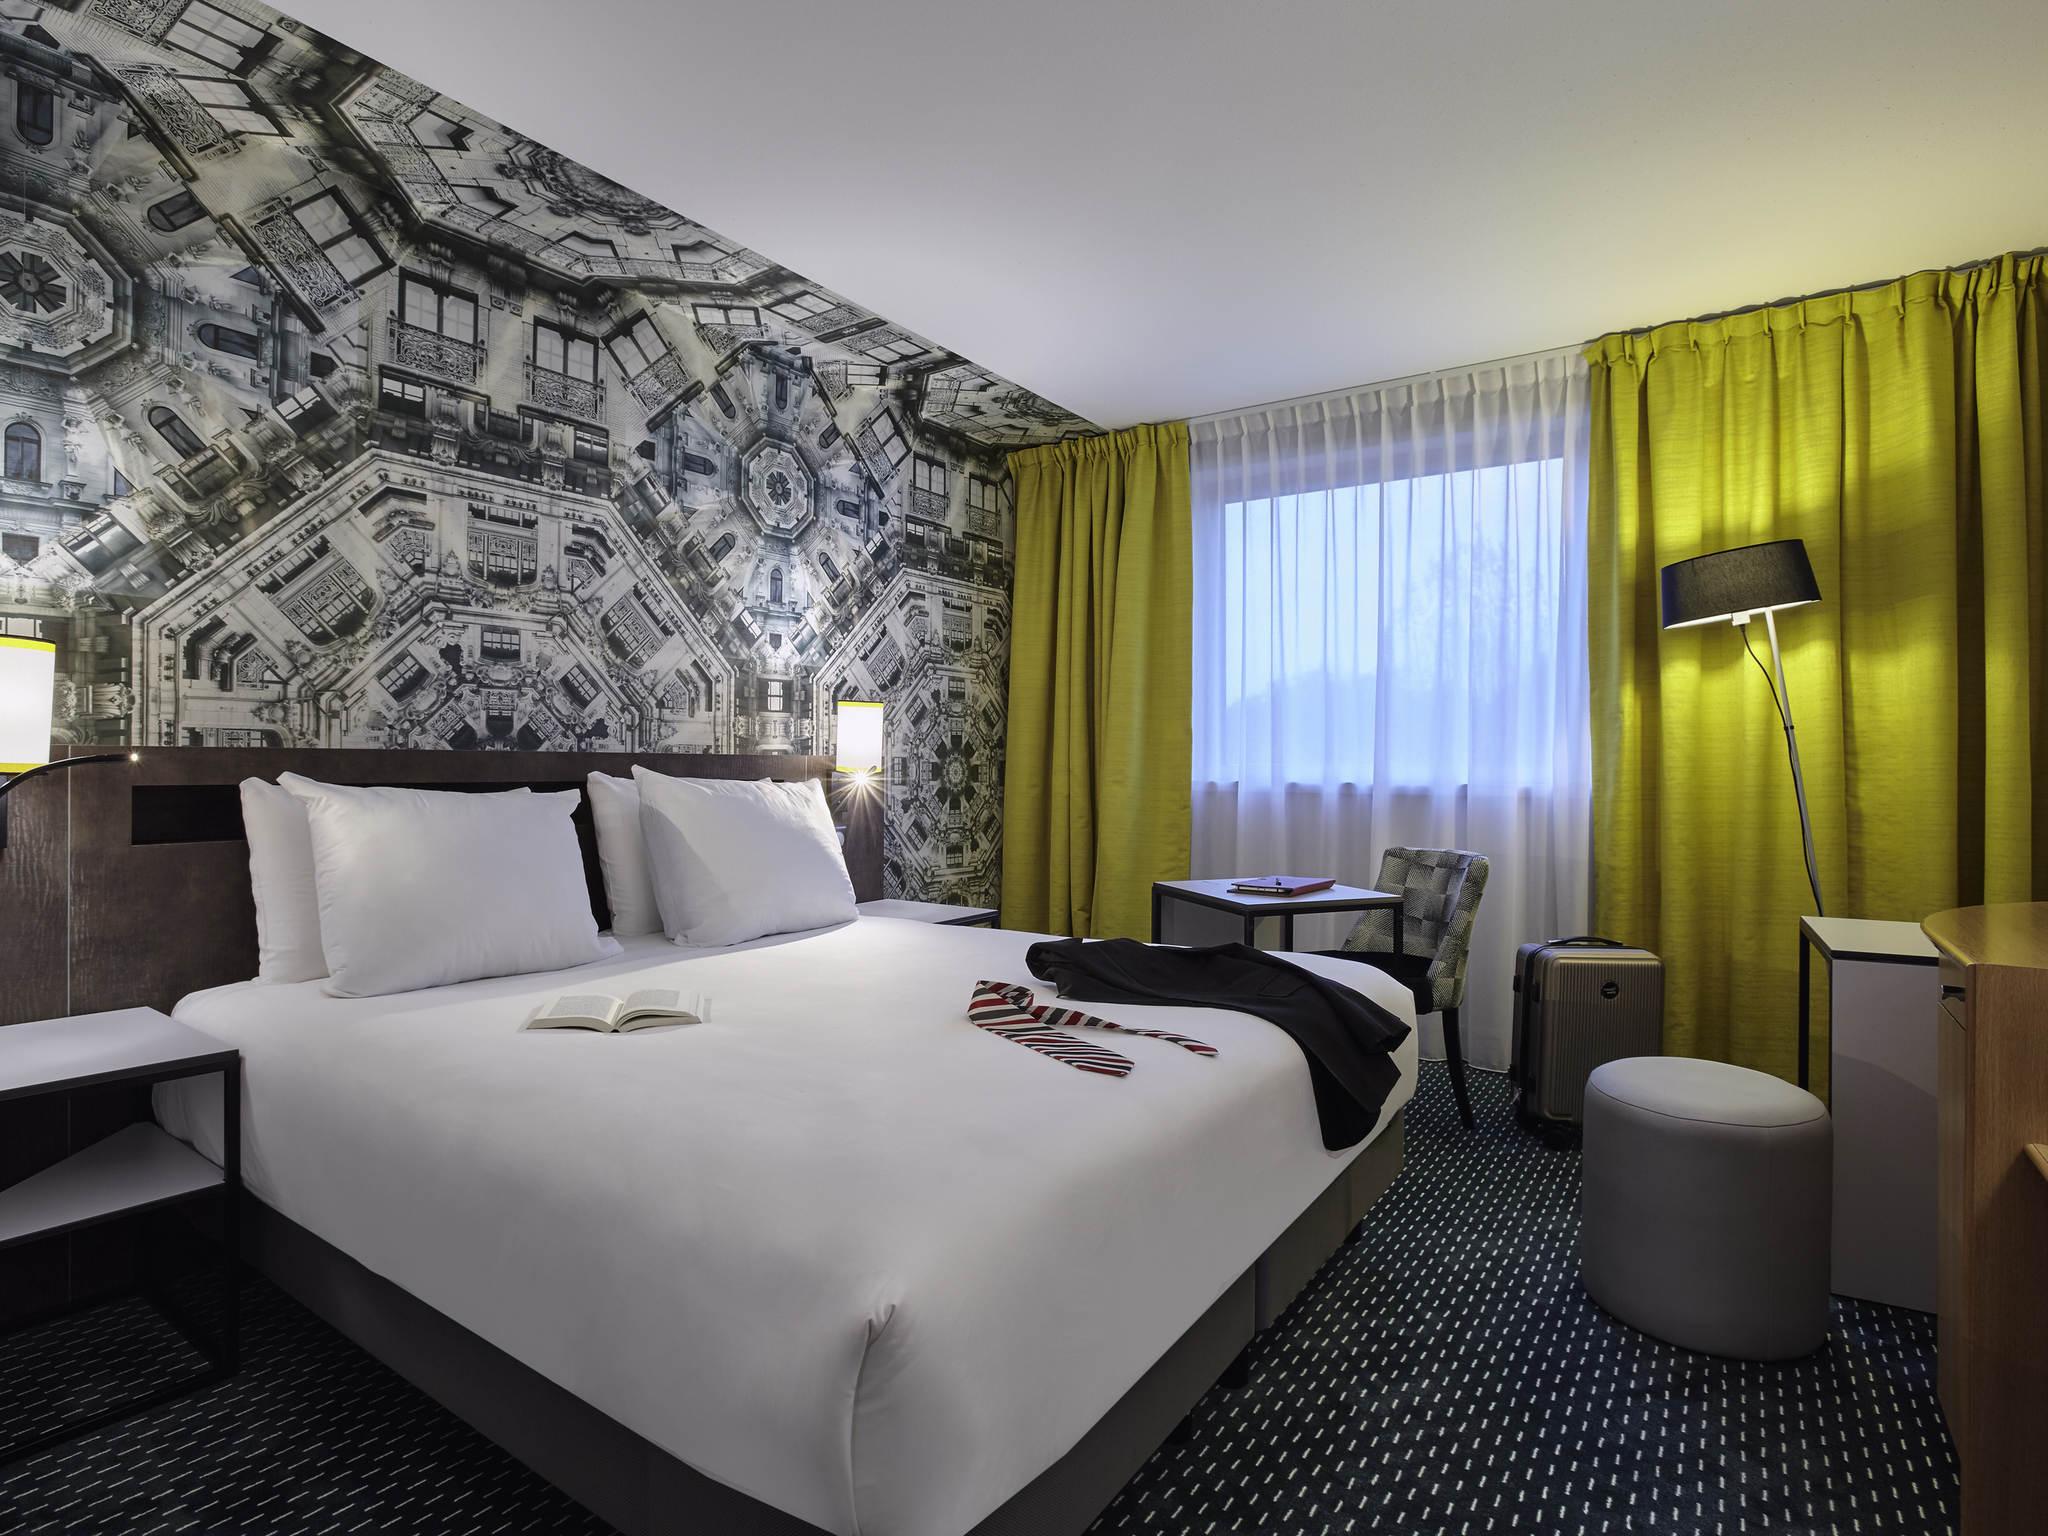 酒店 – 巴黎鲁瓦西查尔斯戴高乐美居酒店